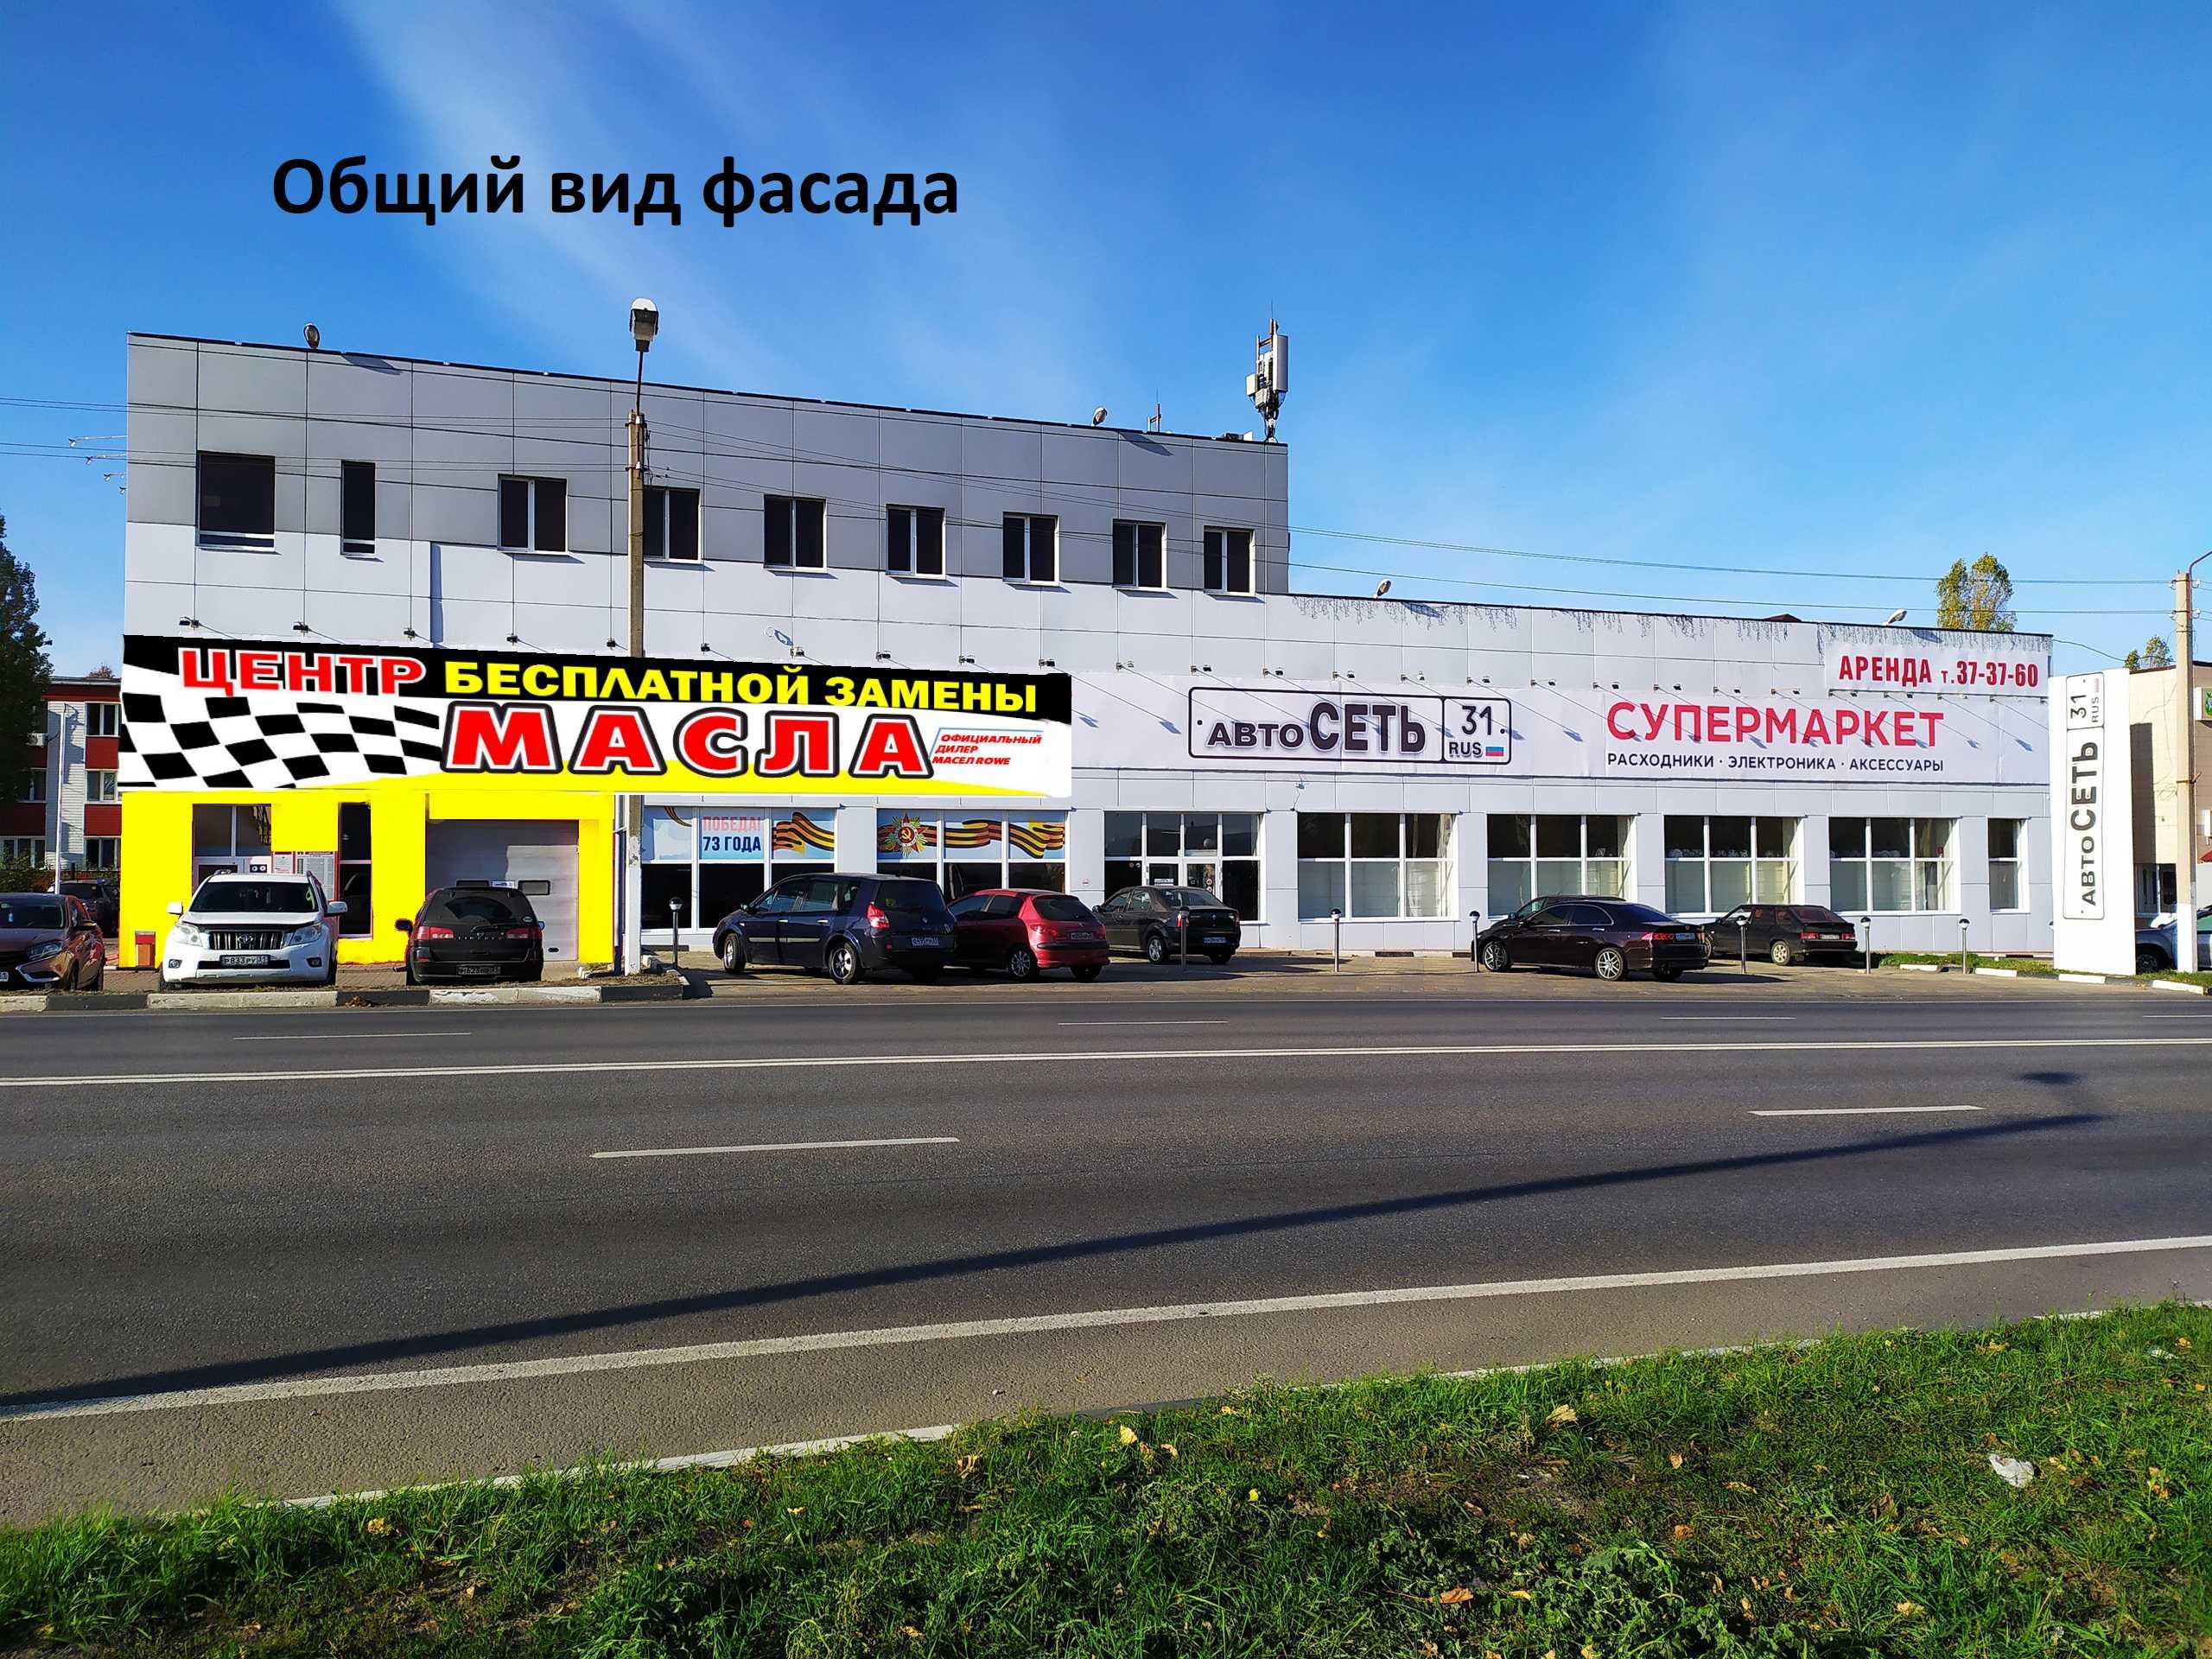 Оформление фасада автосервиса фото f_6935e4135368b9f9.jpg